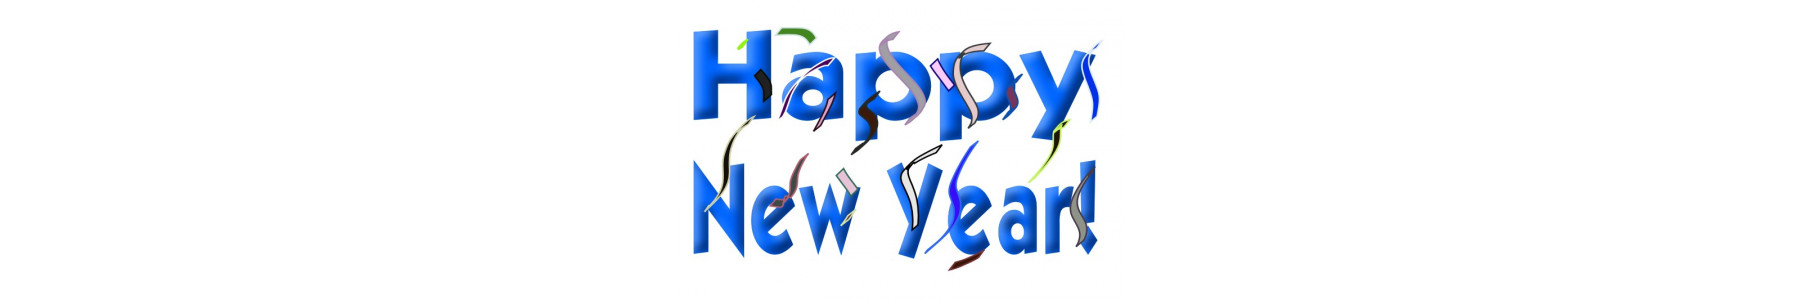 Articole party Revelion - accesorii party petrecerea de Anul Nou